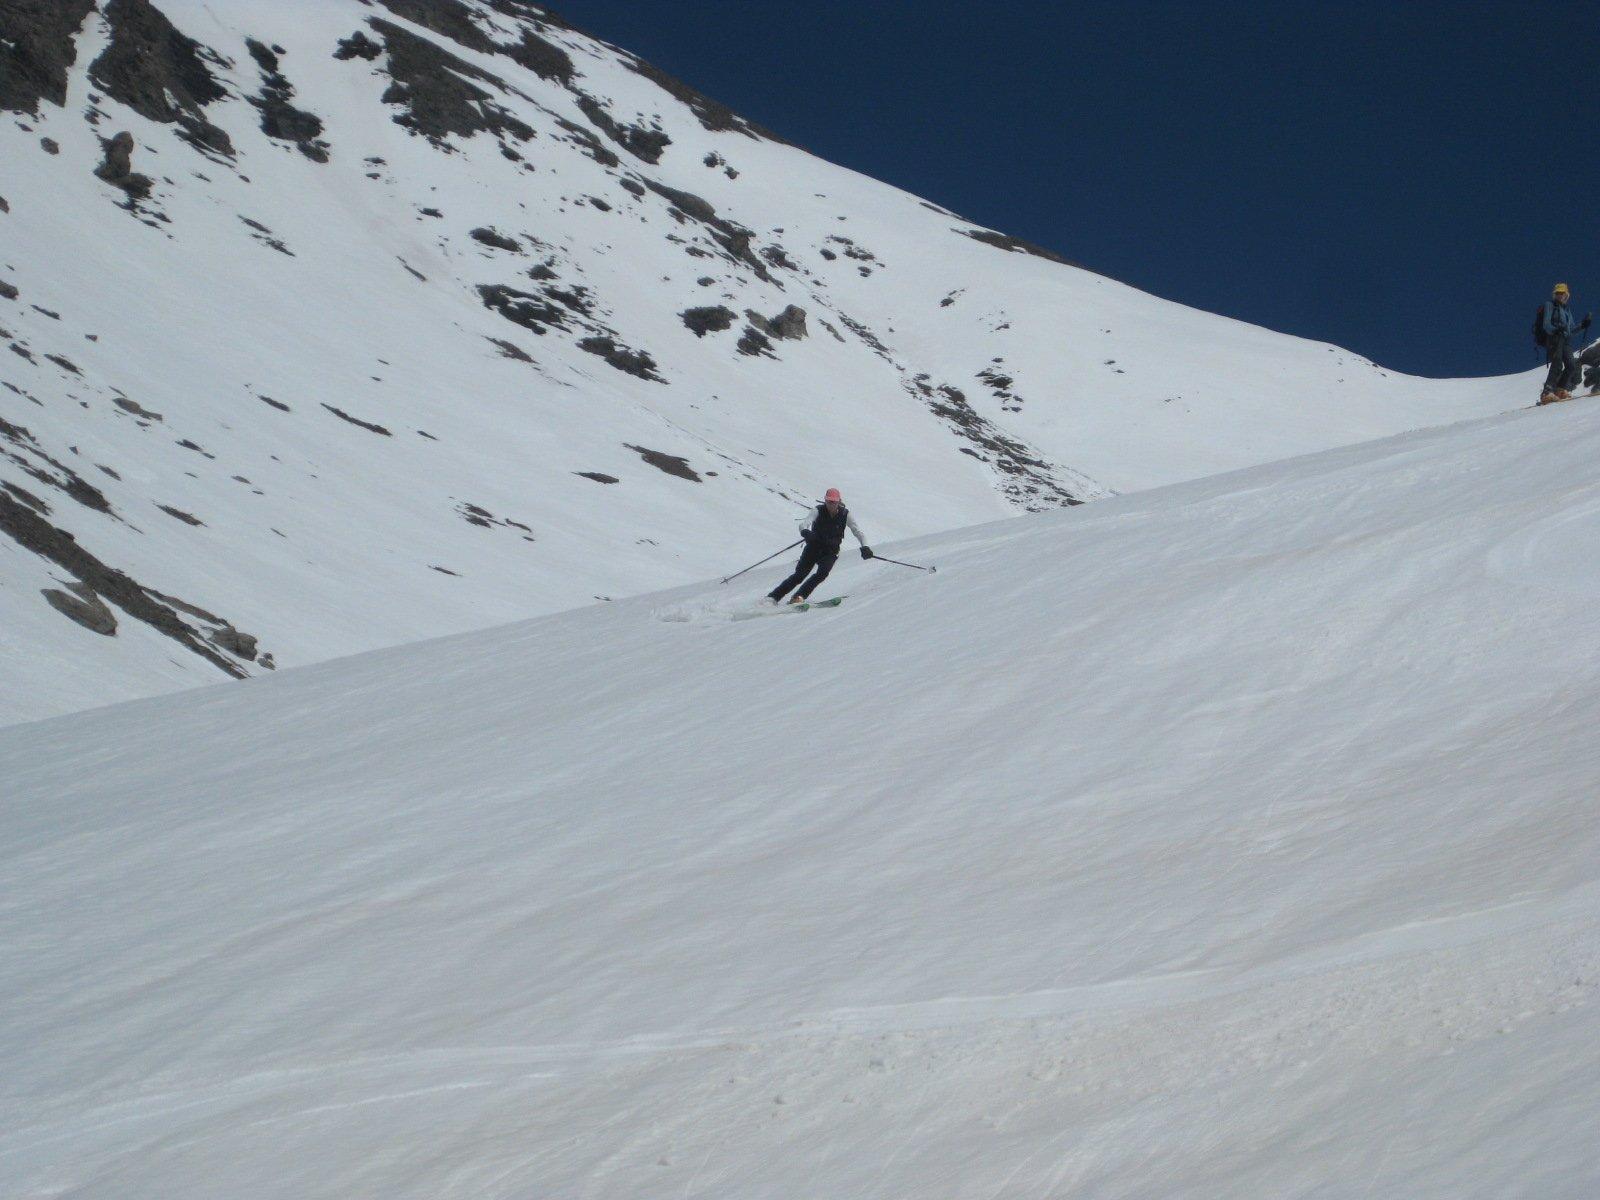 pendii sostenuti e ideali per lo sci